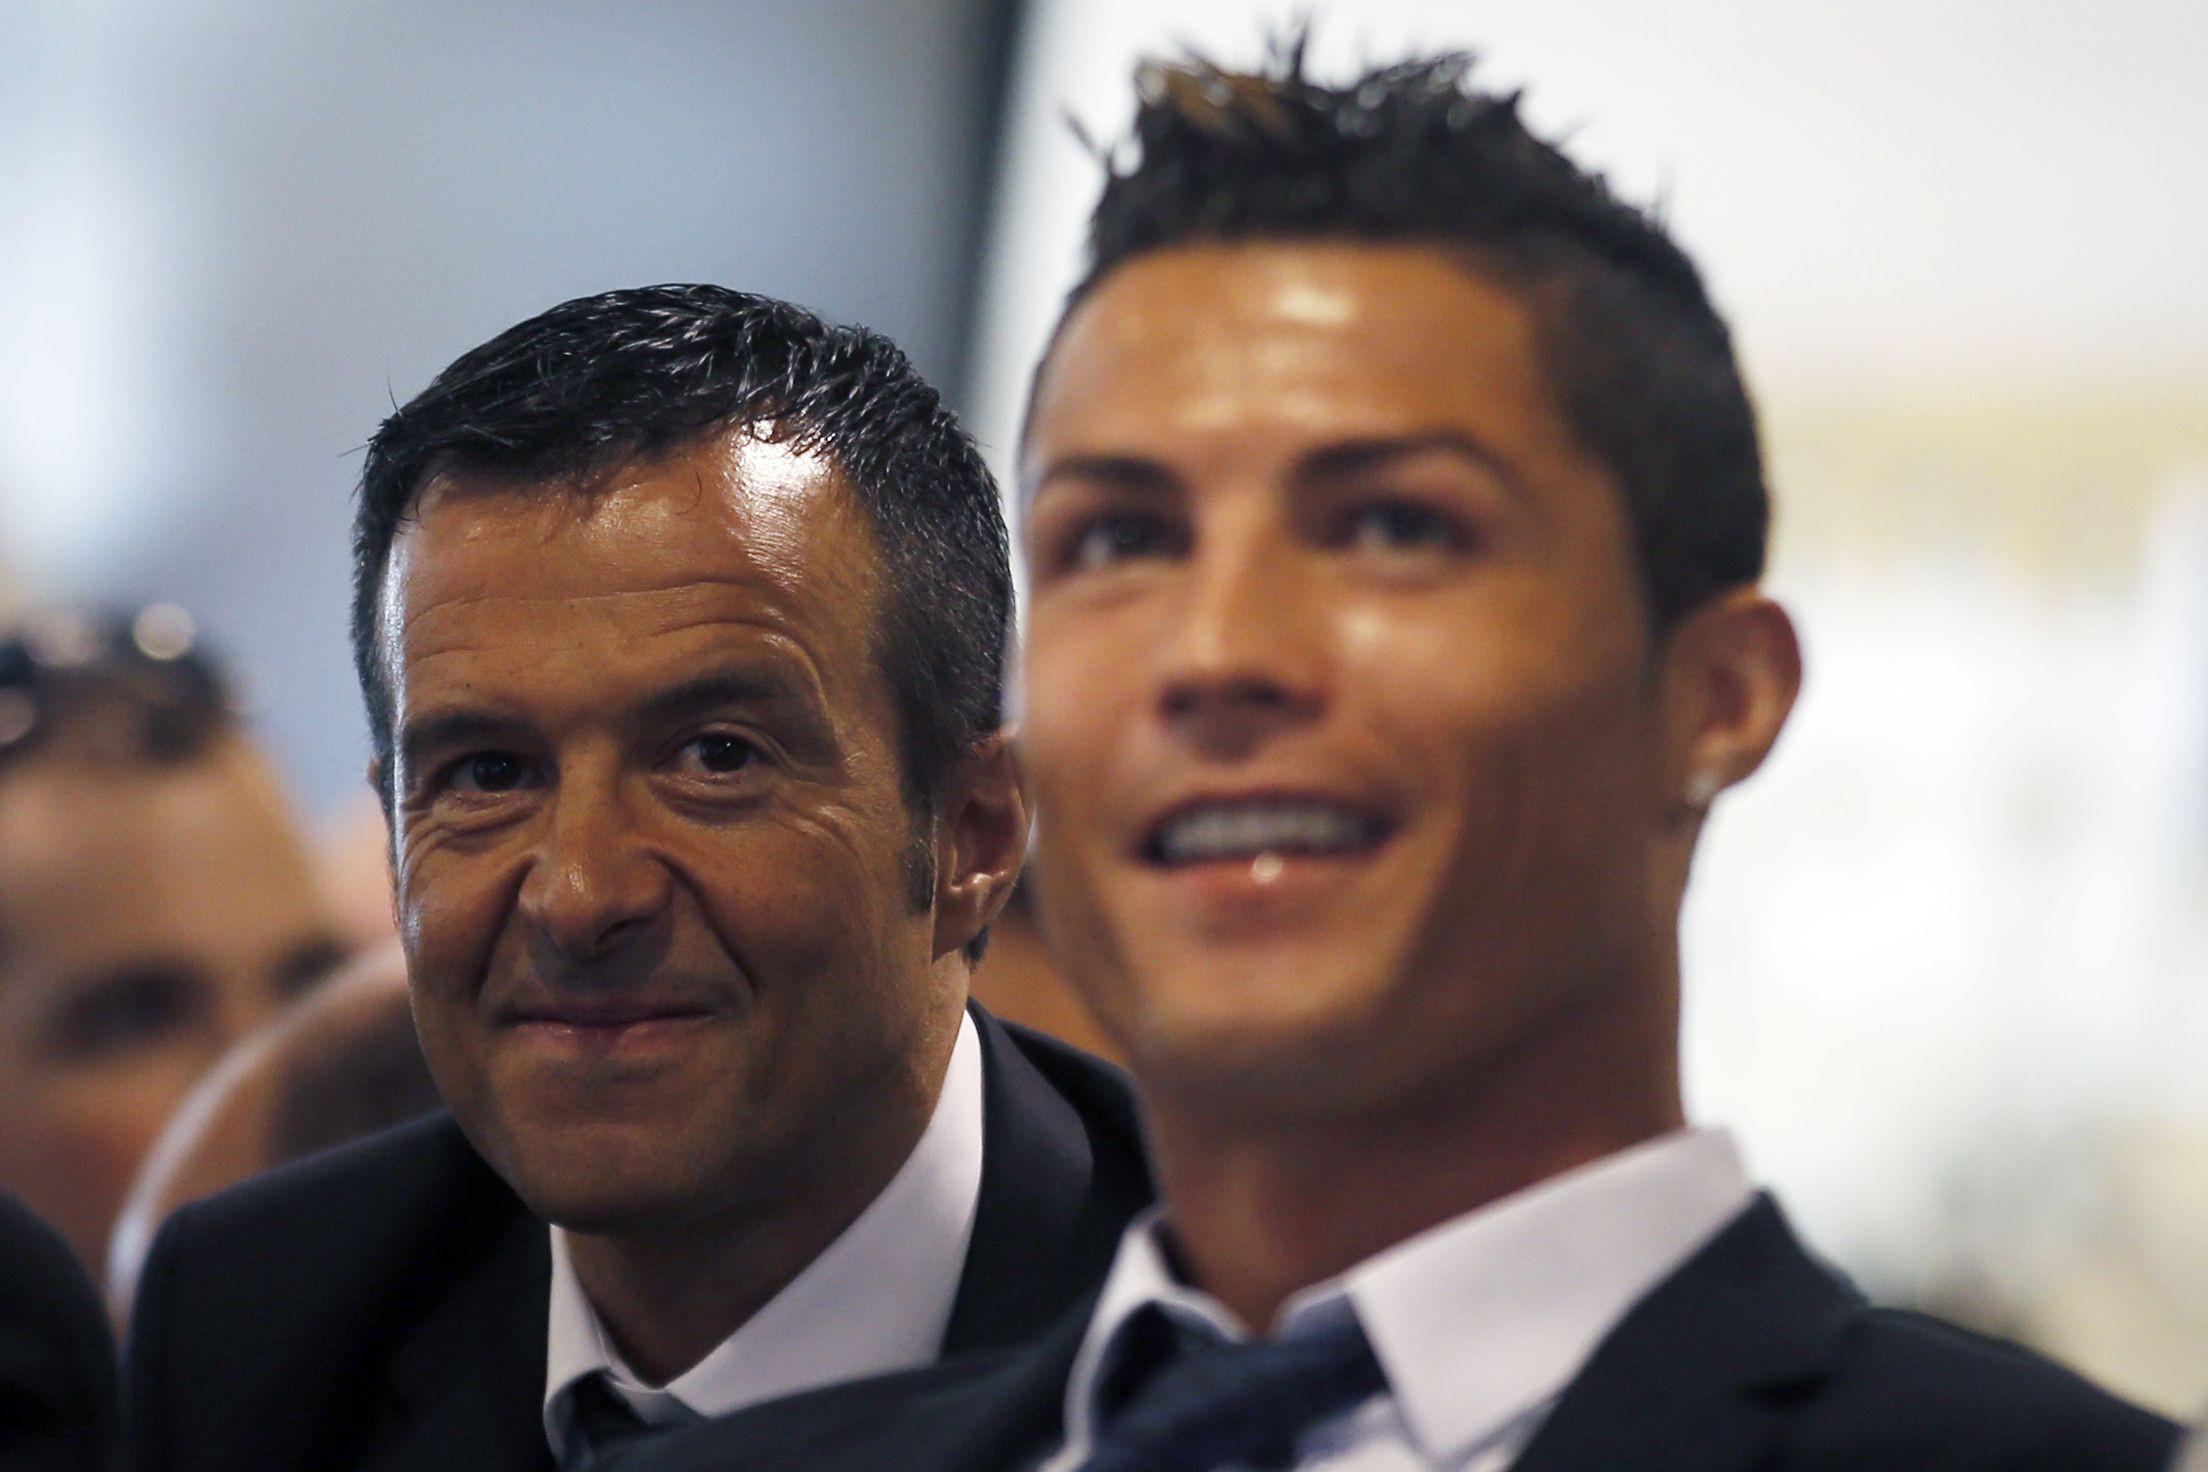 Jorge Mendes desvenda pormenores da transferência de Ronaldo